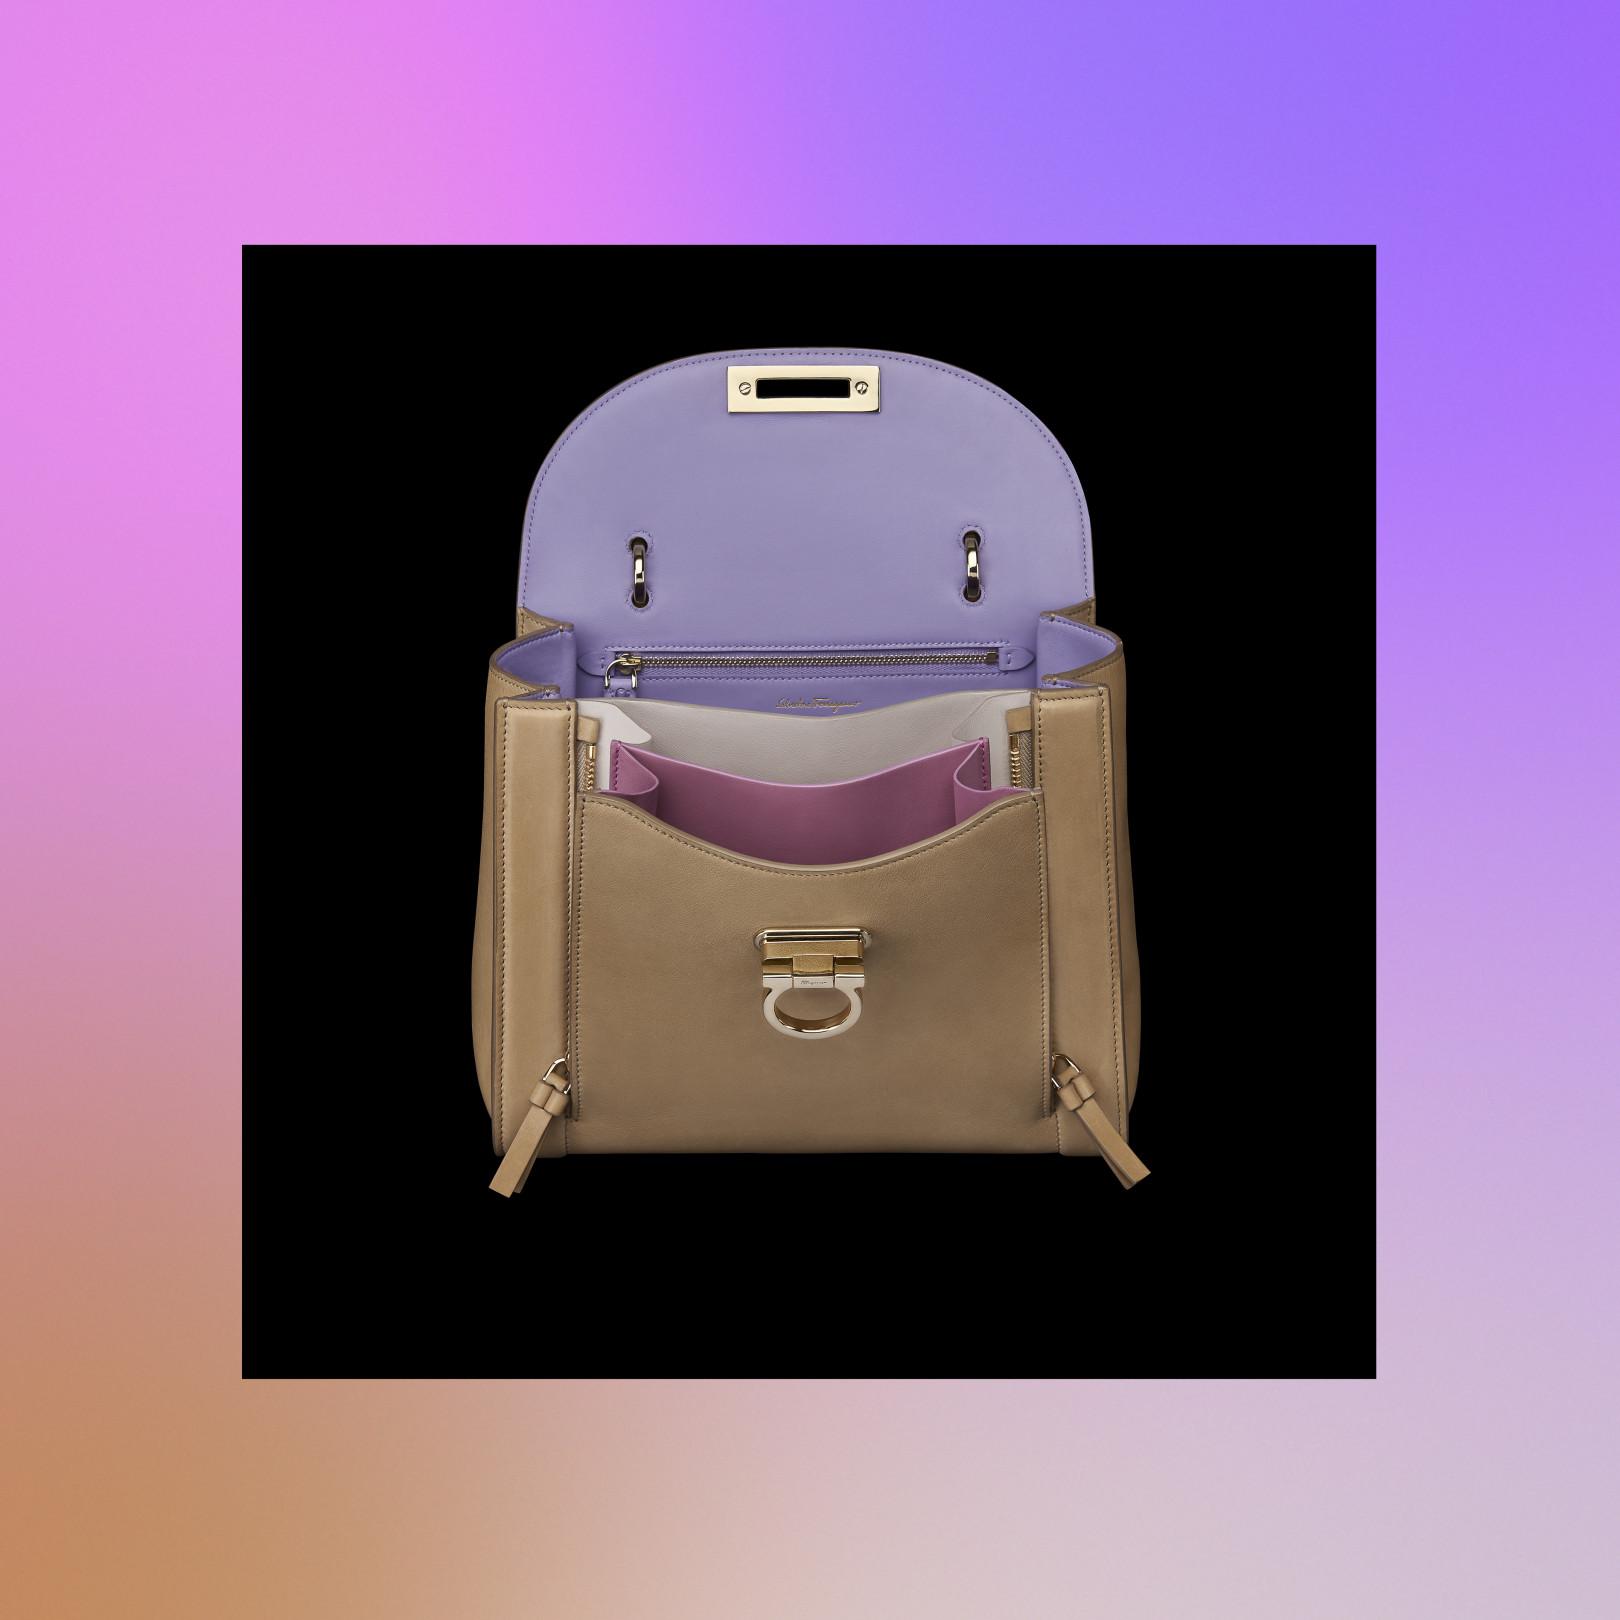 c5b7175c9c91 サルヴァトーレ フェラガモ、新作バッグ「ソフィア・ レインボー」発売(17/18)